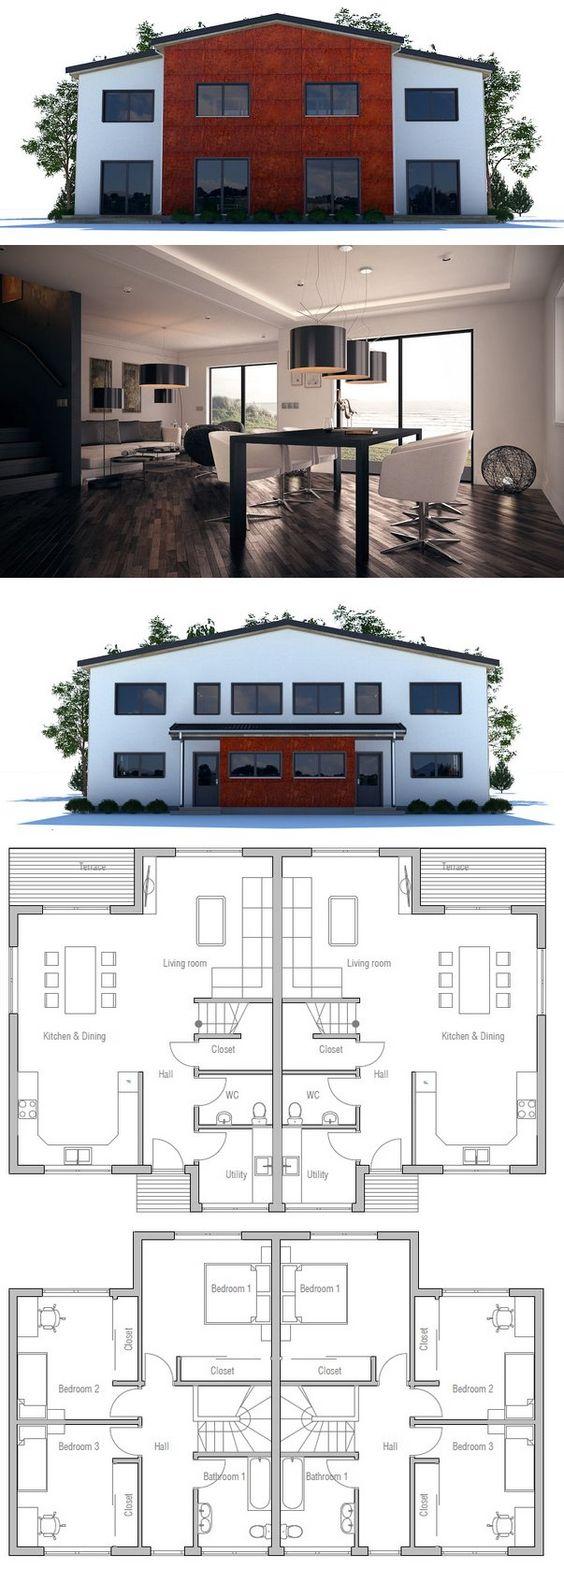 plan de maison duplex - Plan De Maison En Duplex